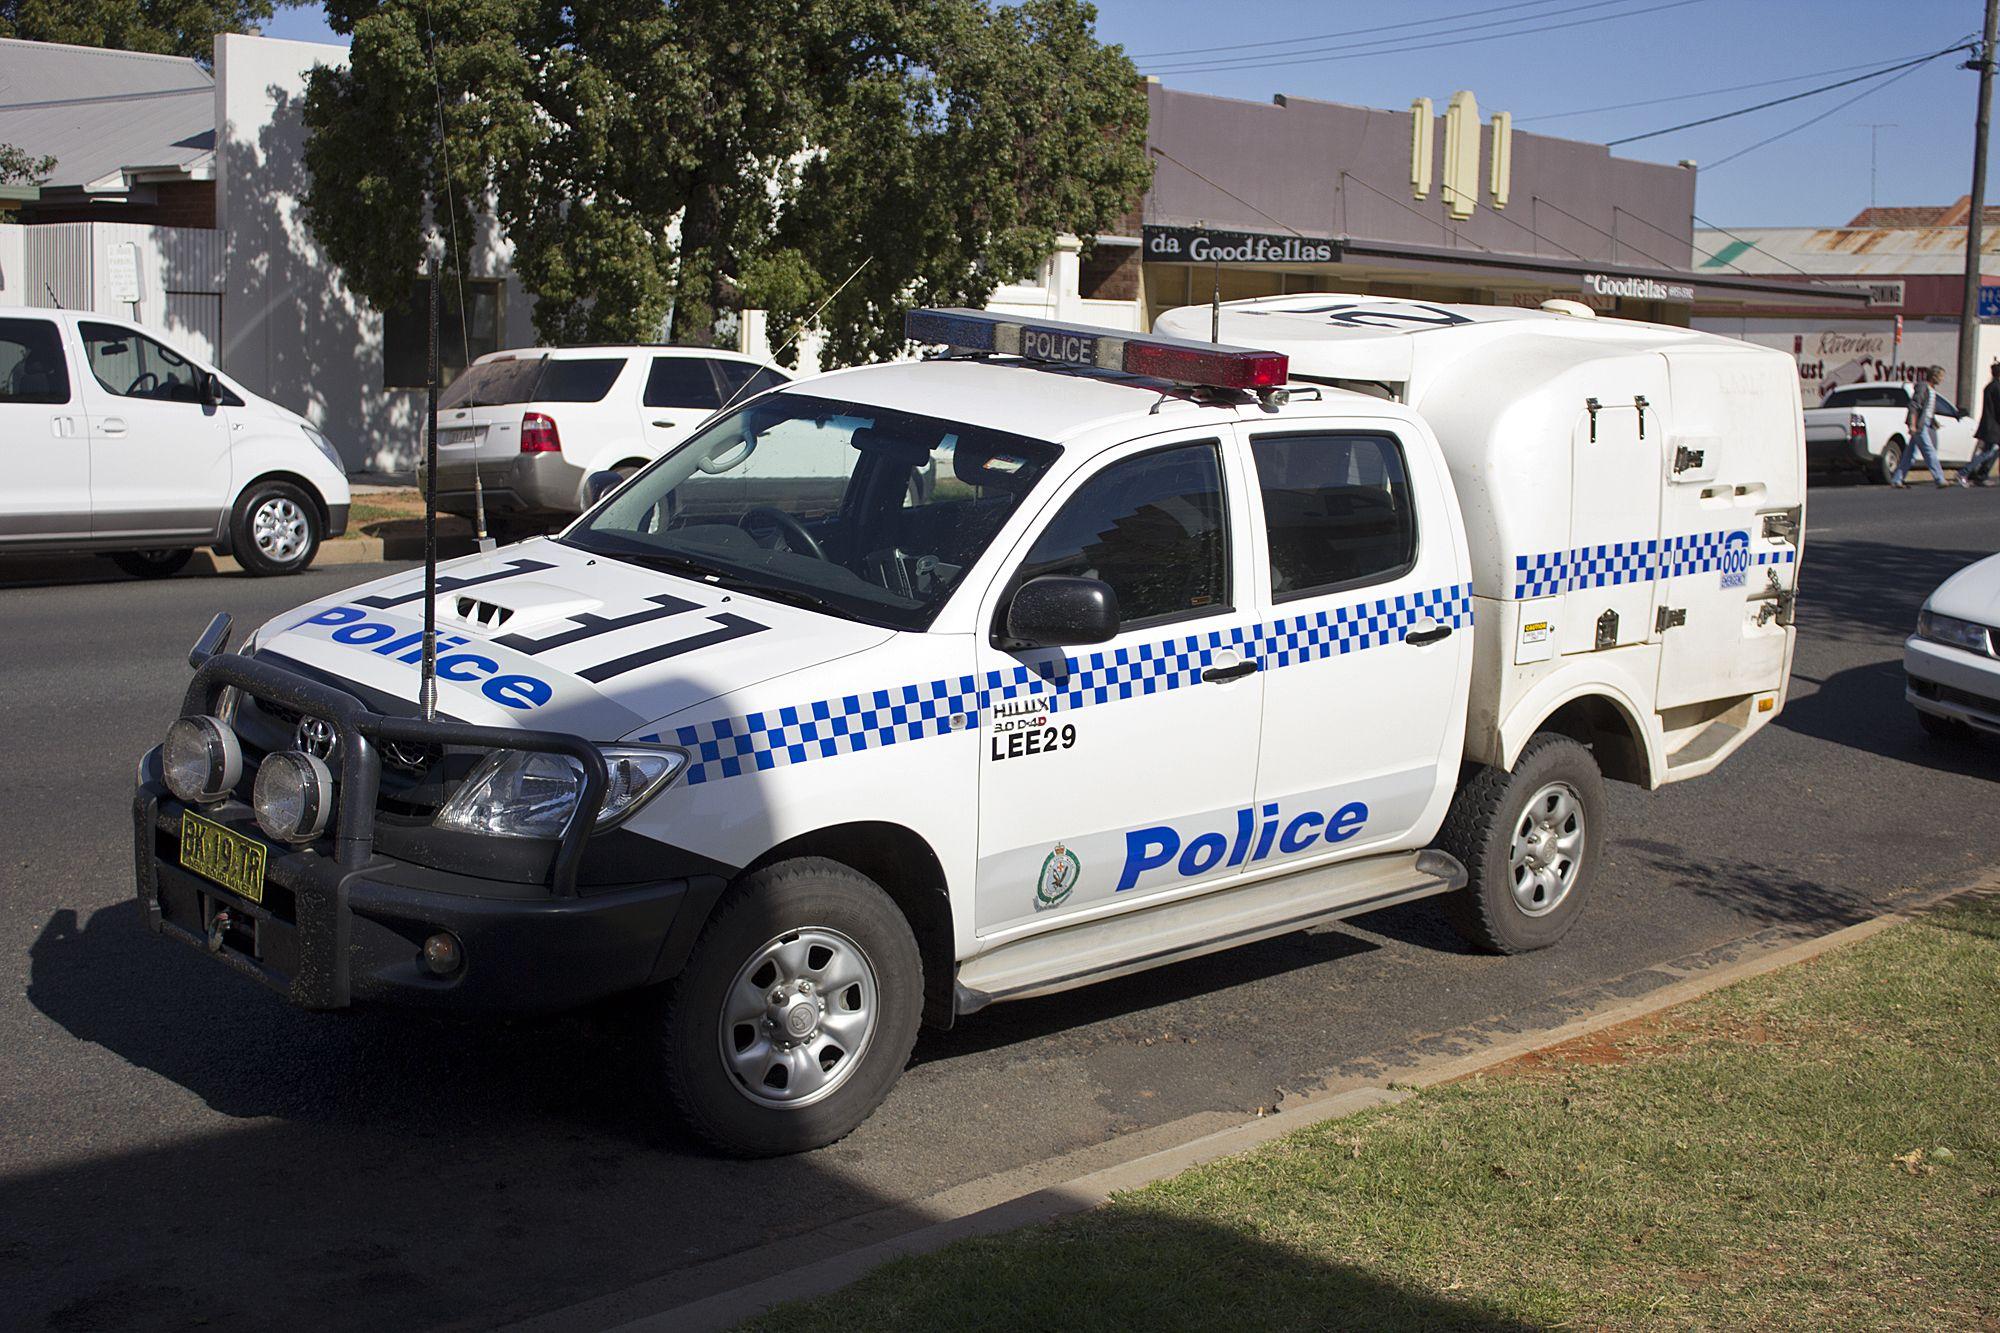 Australian Police Nsw Pf Leeton 29 Toyota Hilux Em Ser Police